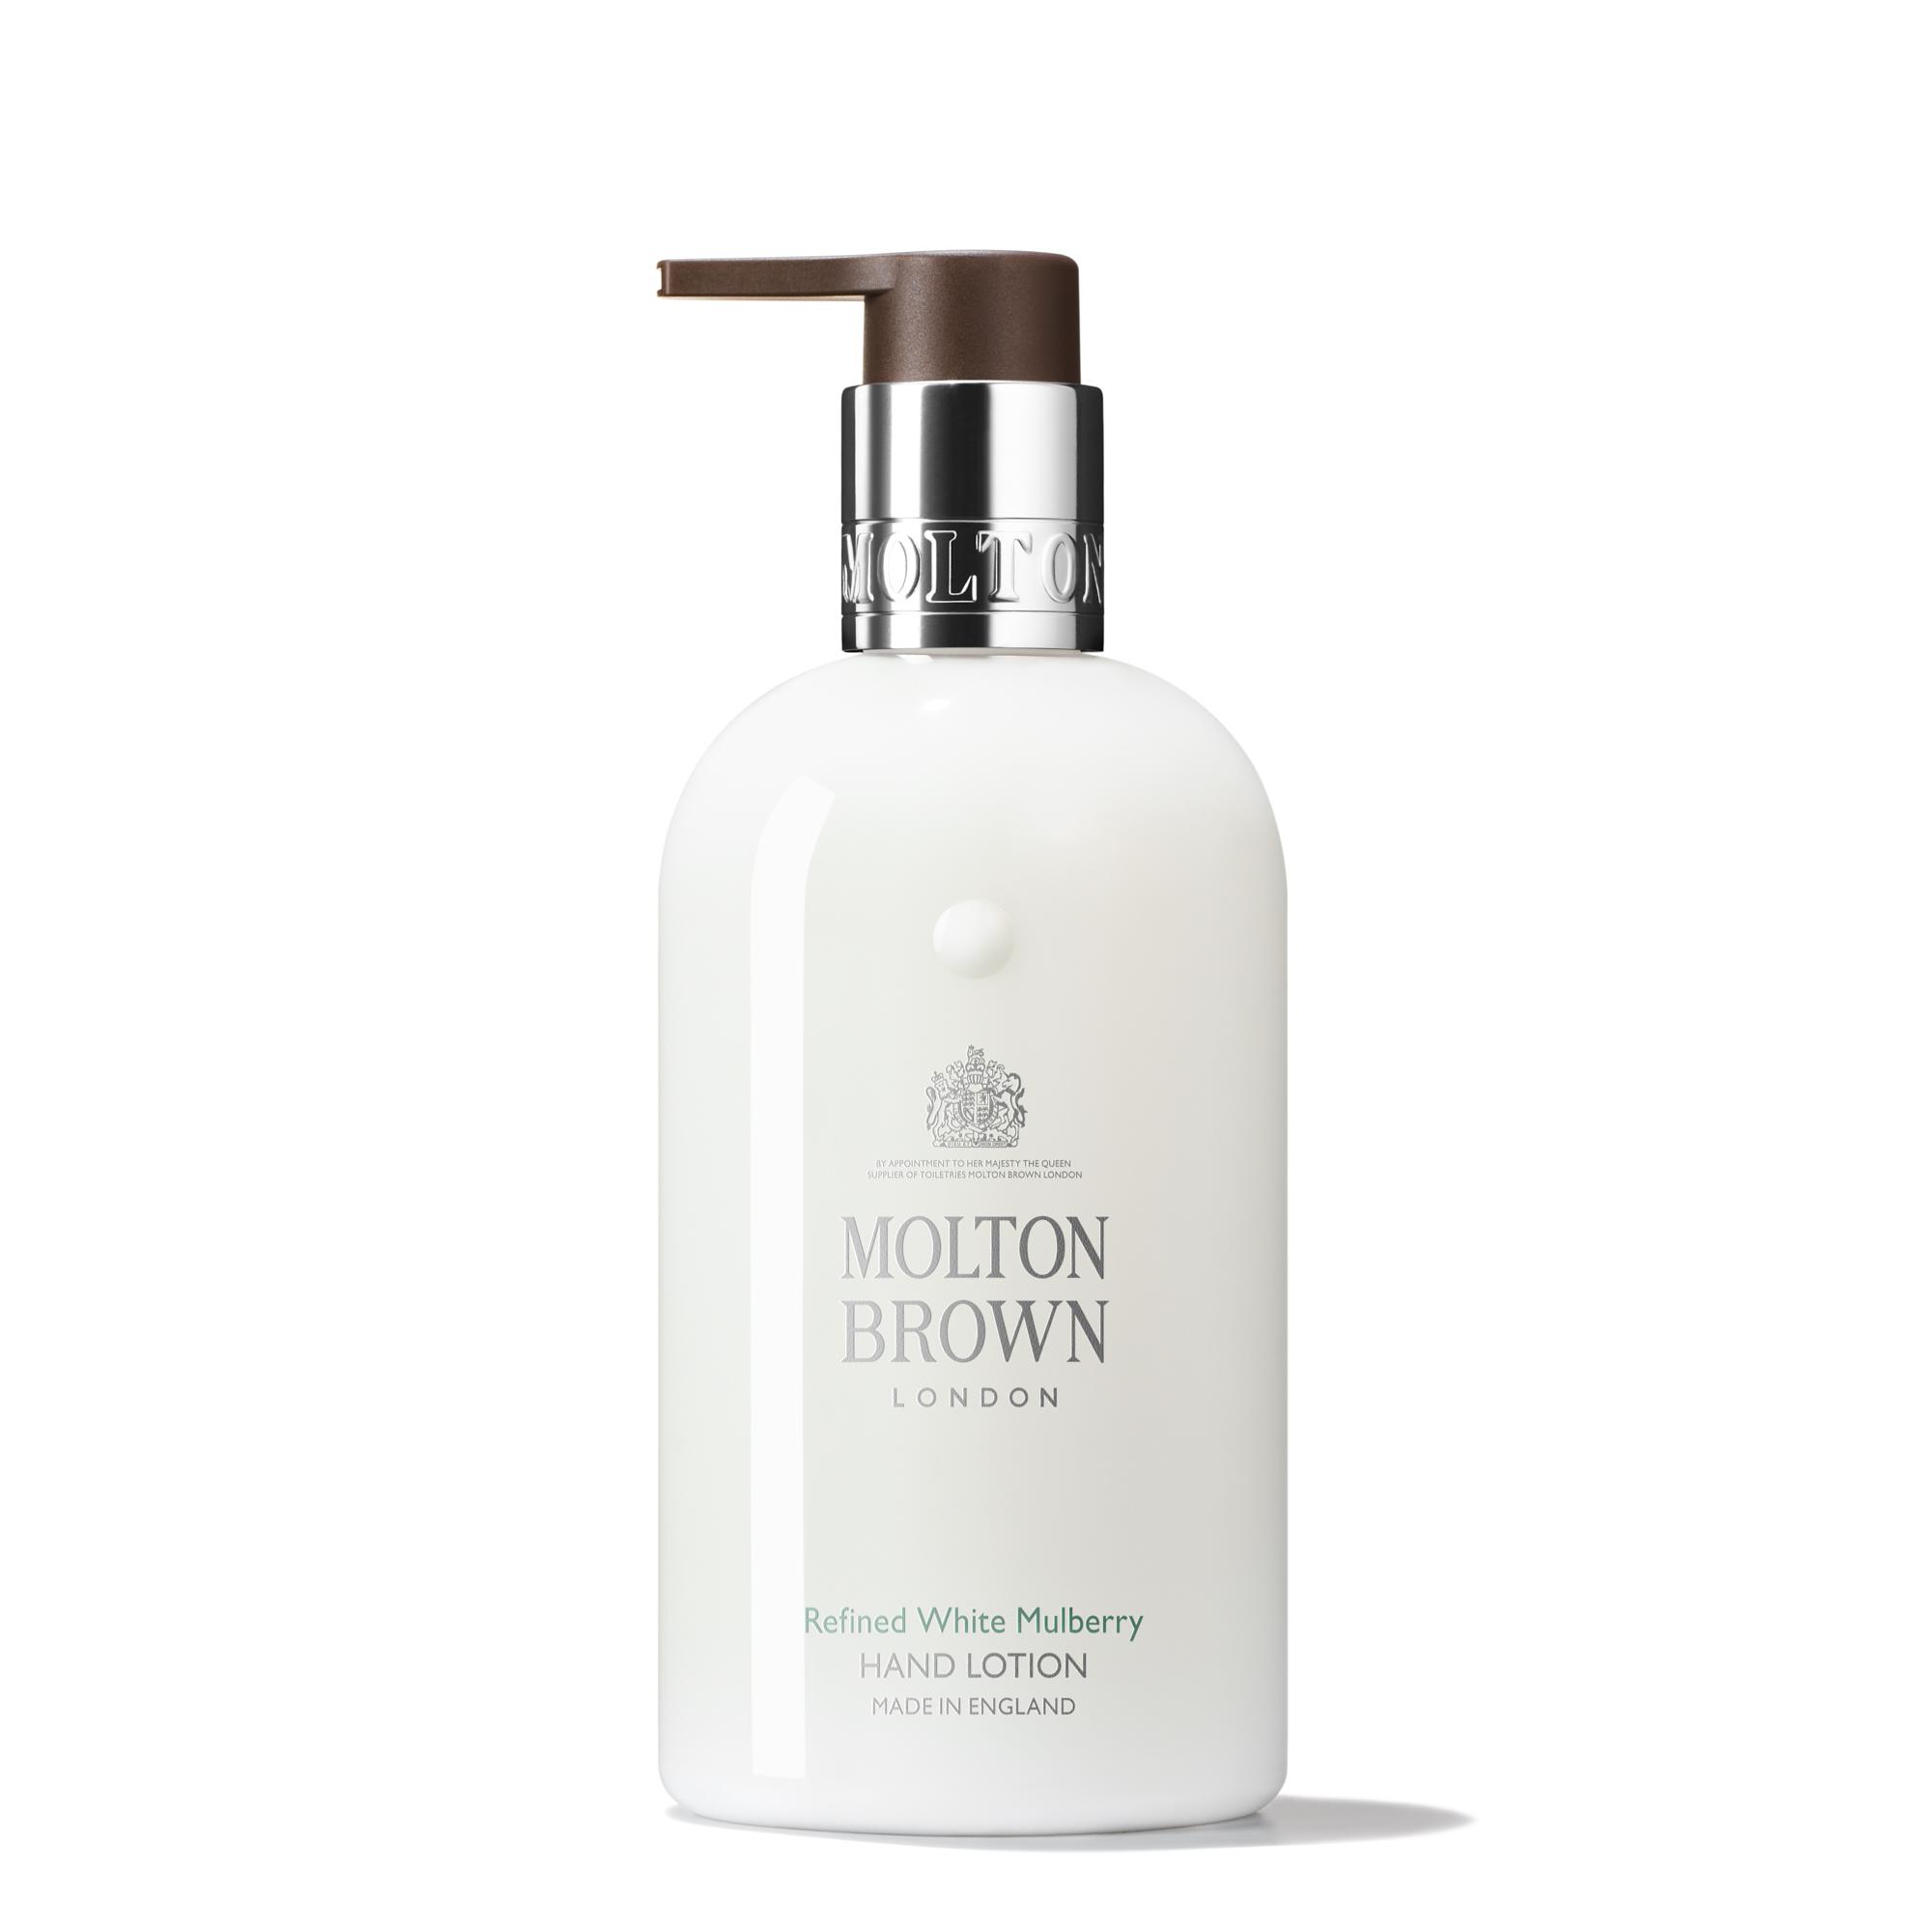 Molton Brown Refined White Mulberry Fine Liquid Hand Lotion (300ml, 5l)